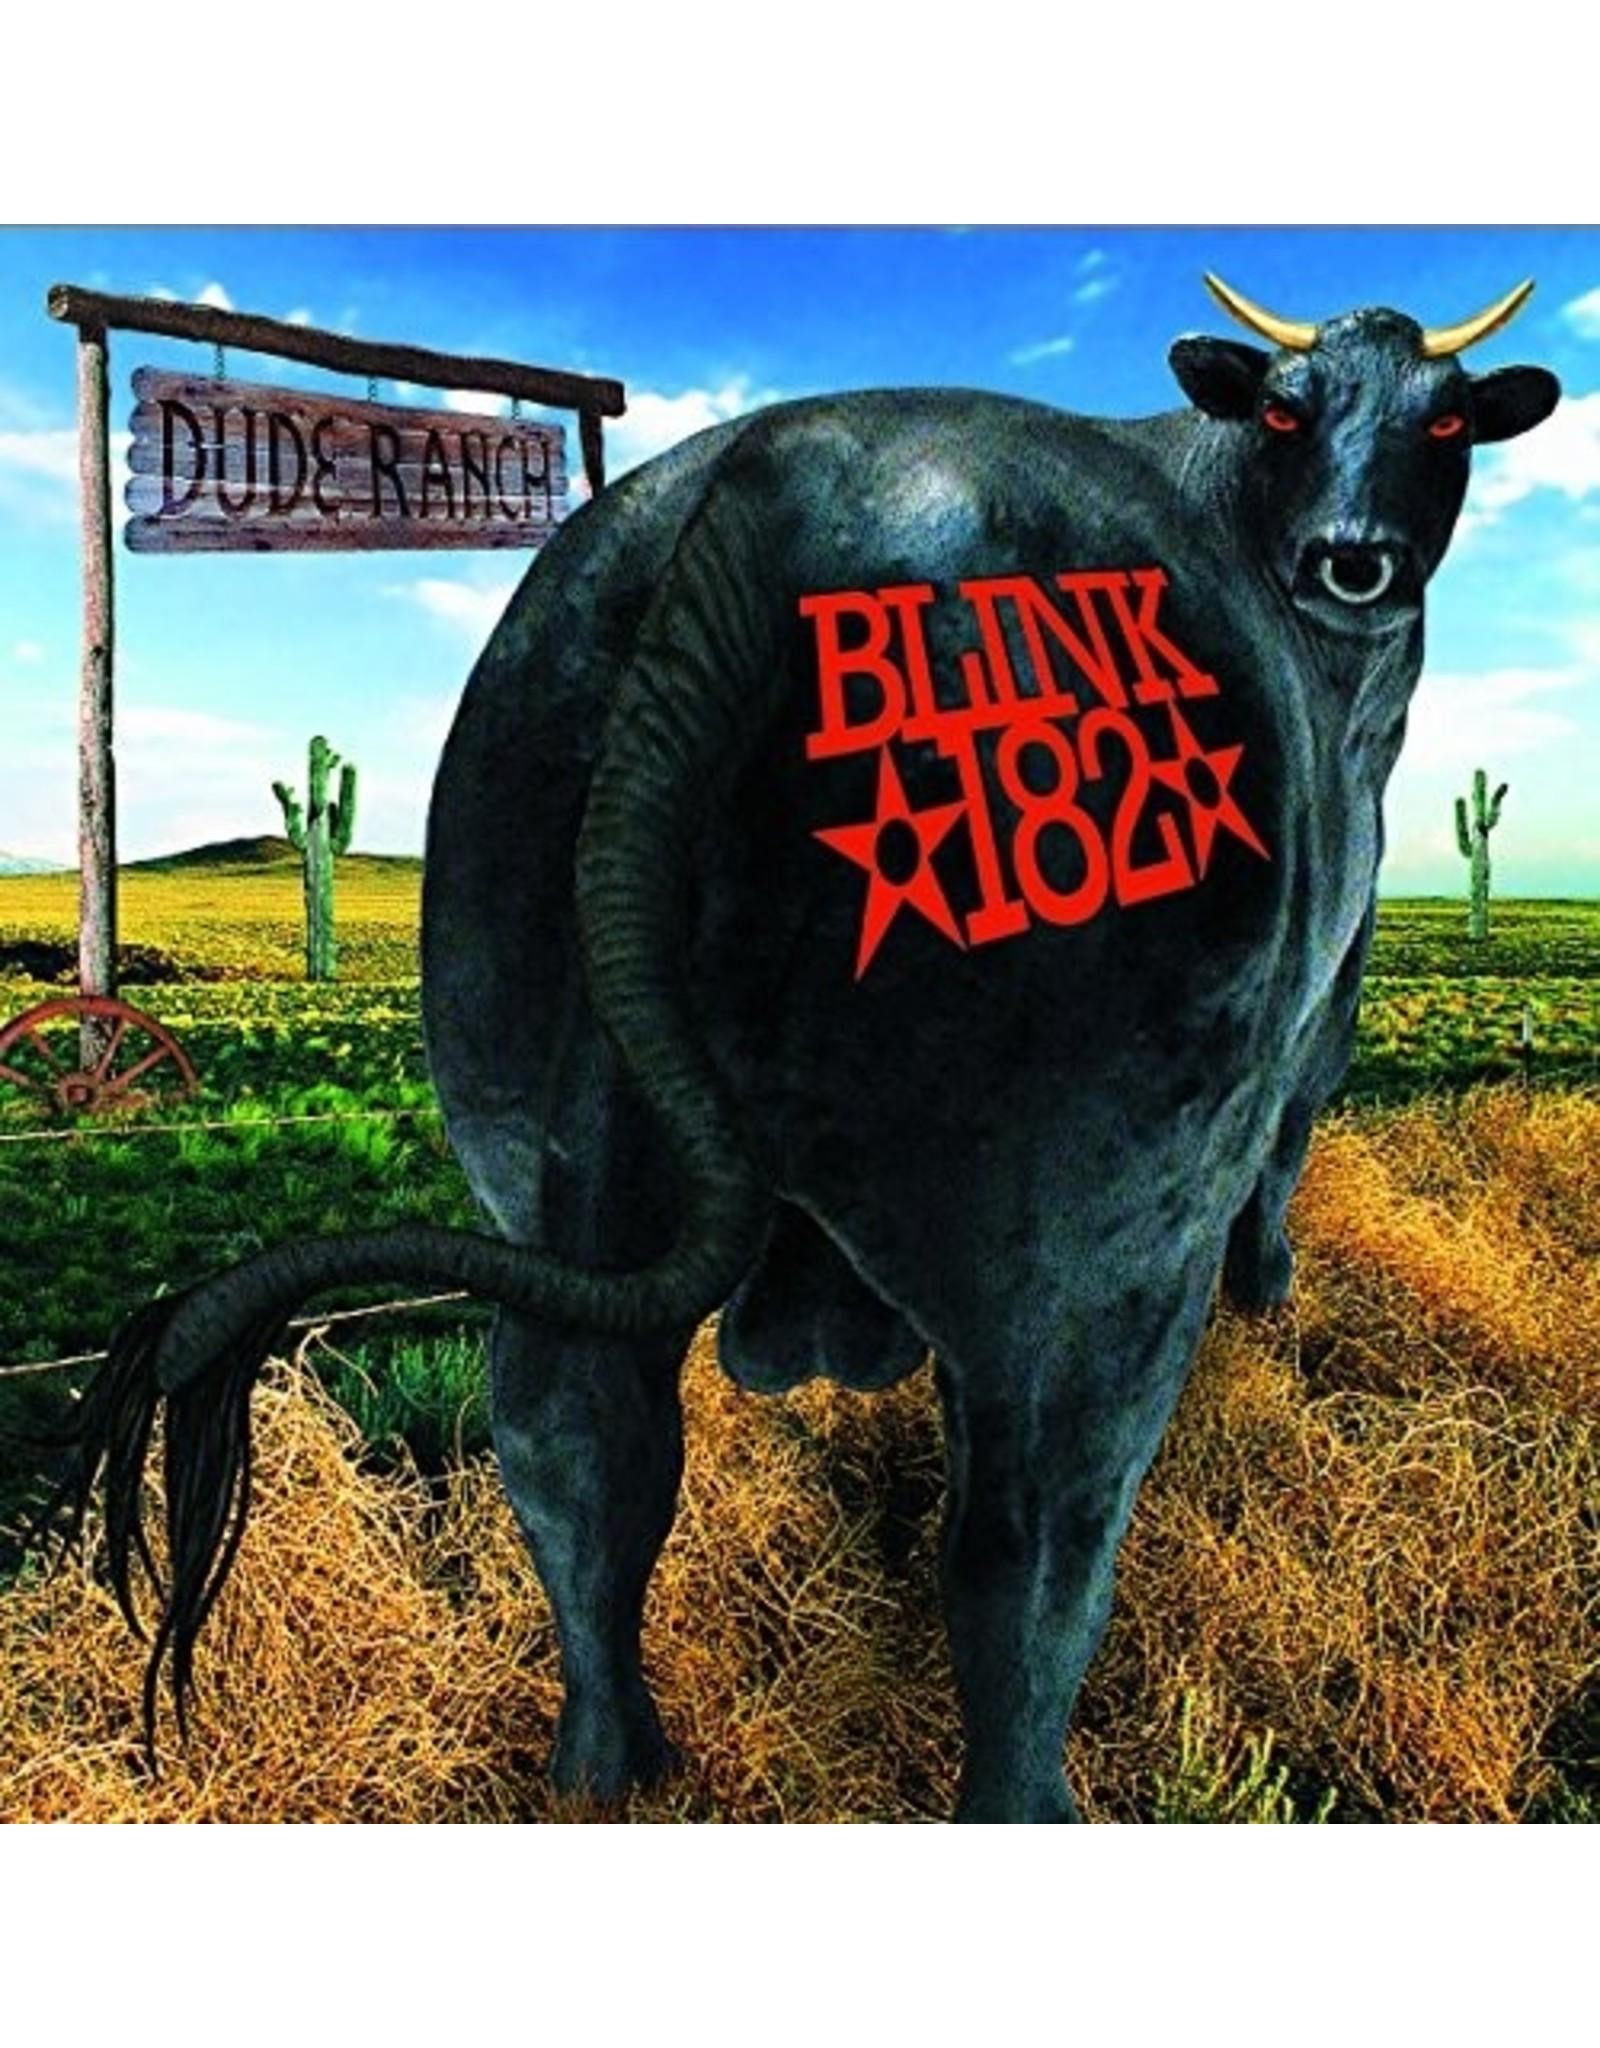 New Vinyl Blink 182 - Dude Ranch LP